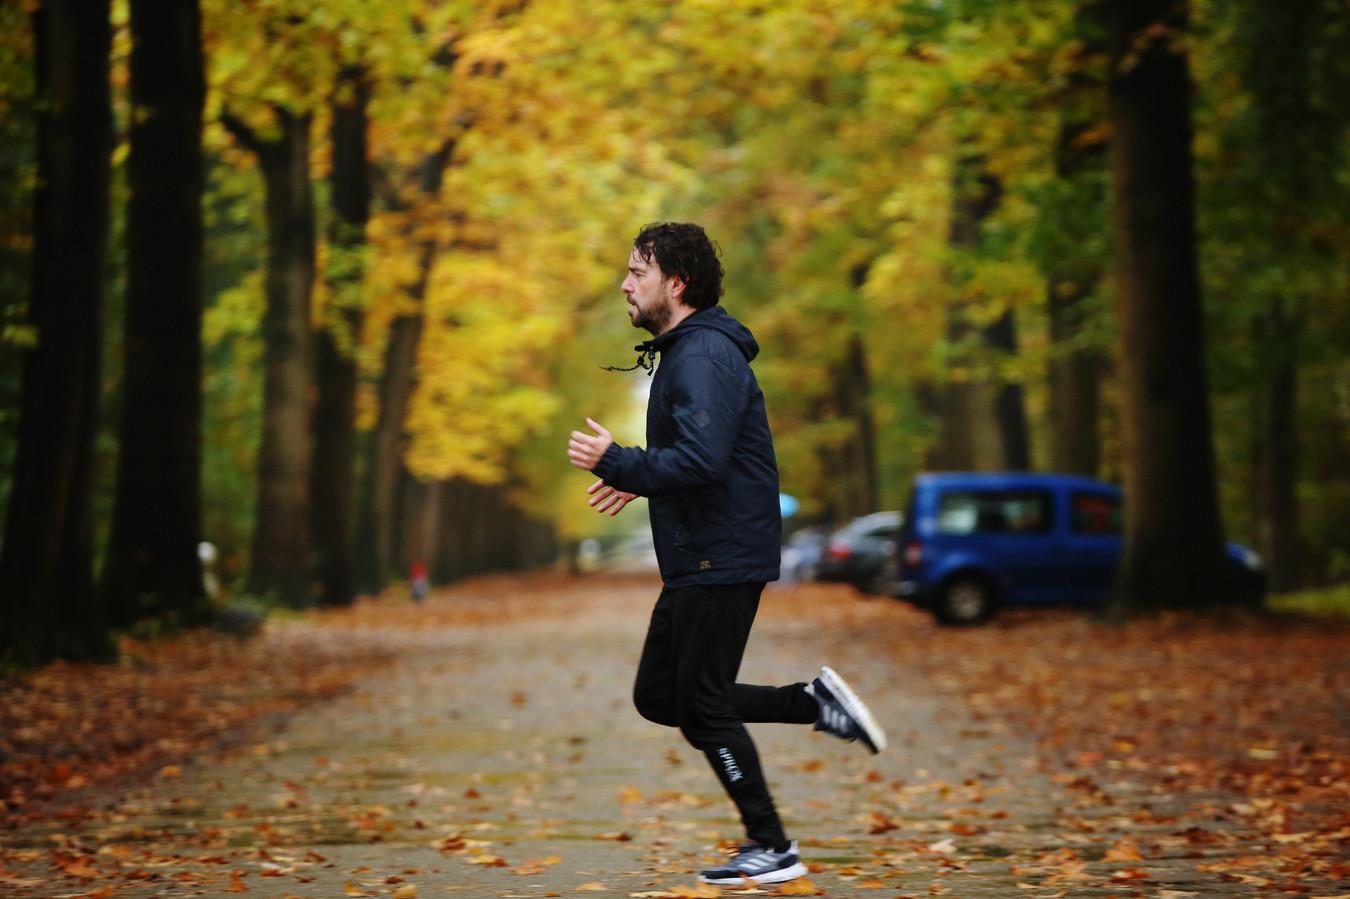 Als Baronie-trainer Jurriaan van Poelje zijn hoofd leeg wil maken, gaat hij een rondje hardlopen in het bos en luistert hij naar reggaemuziek.